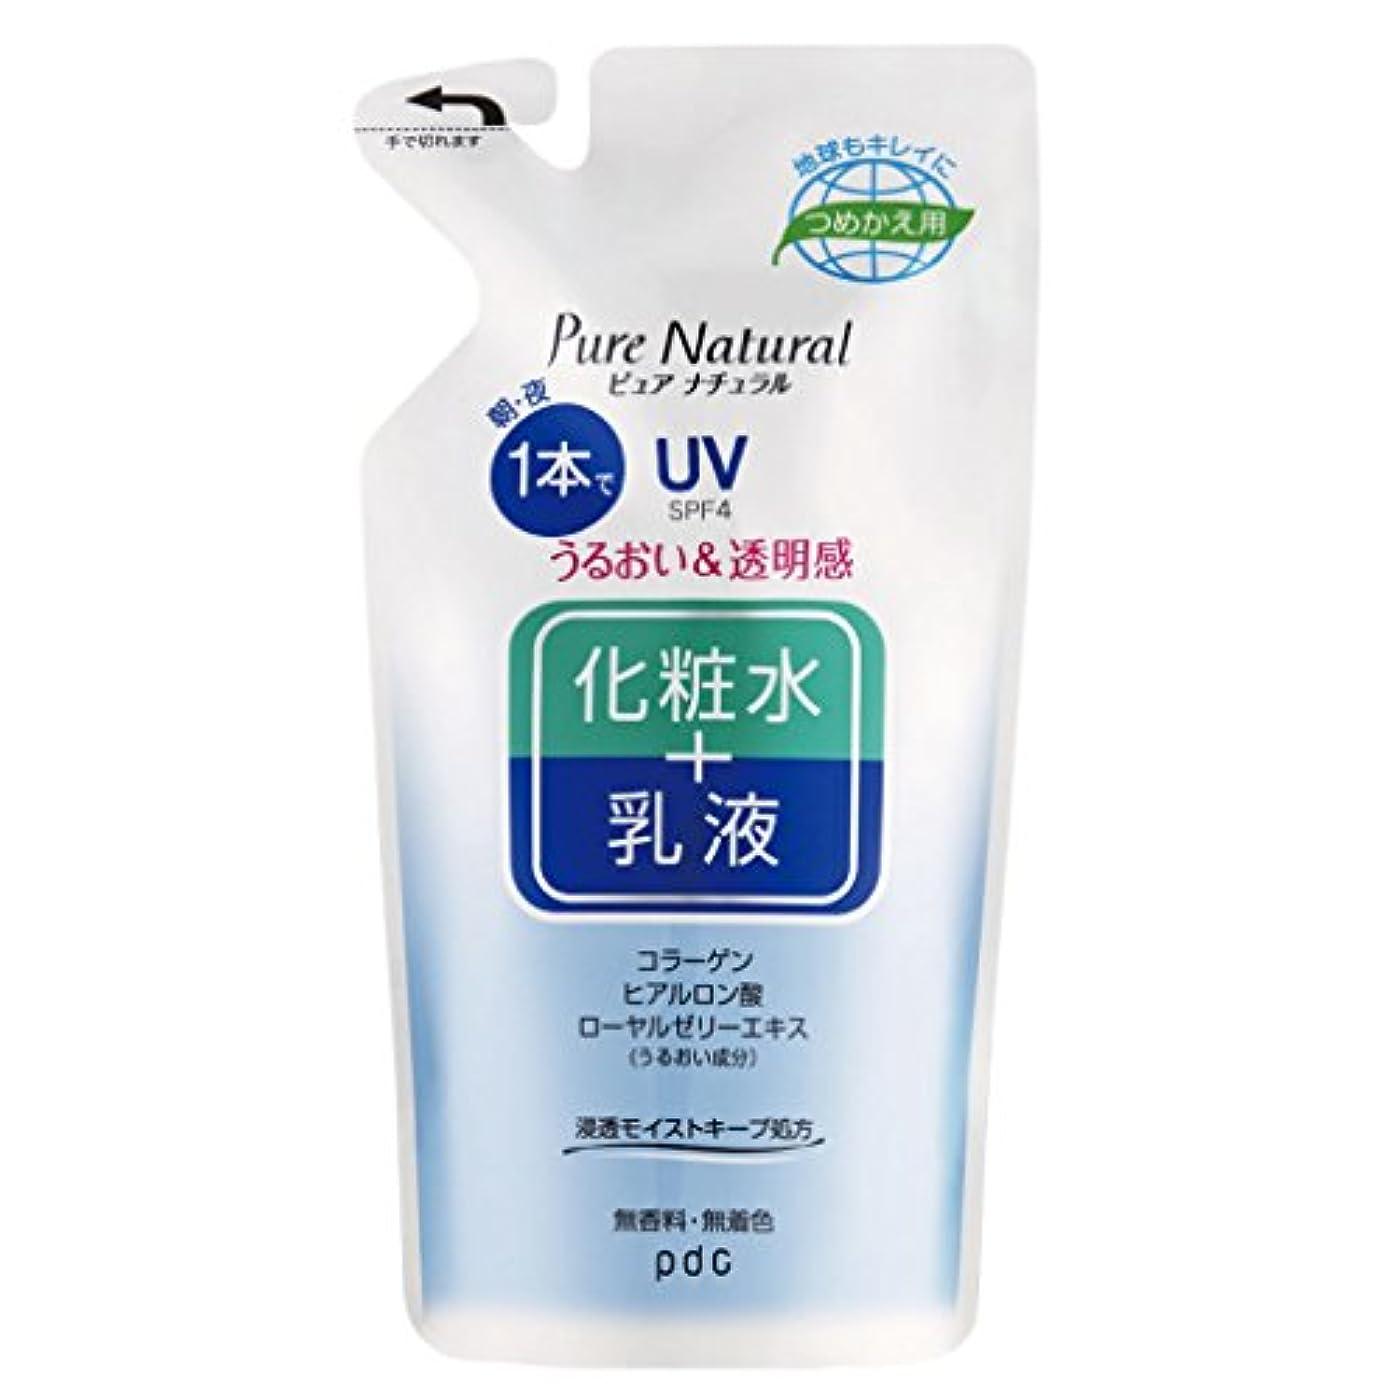 対人川横Pure NATURAL(ピュアナチュラル) エッセンスローション UV (つめかえ用) 200mL